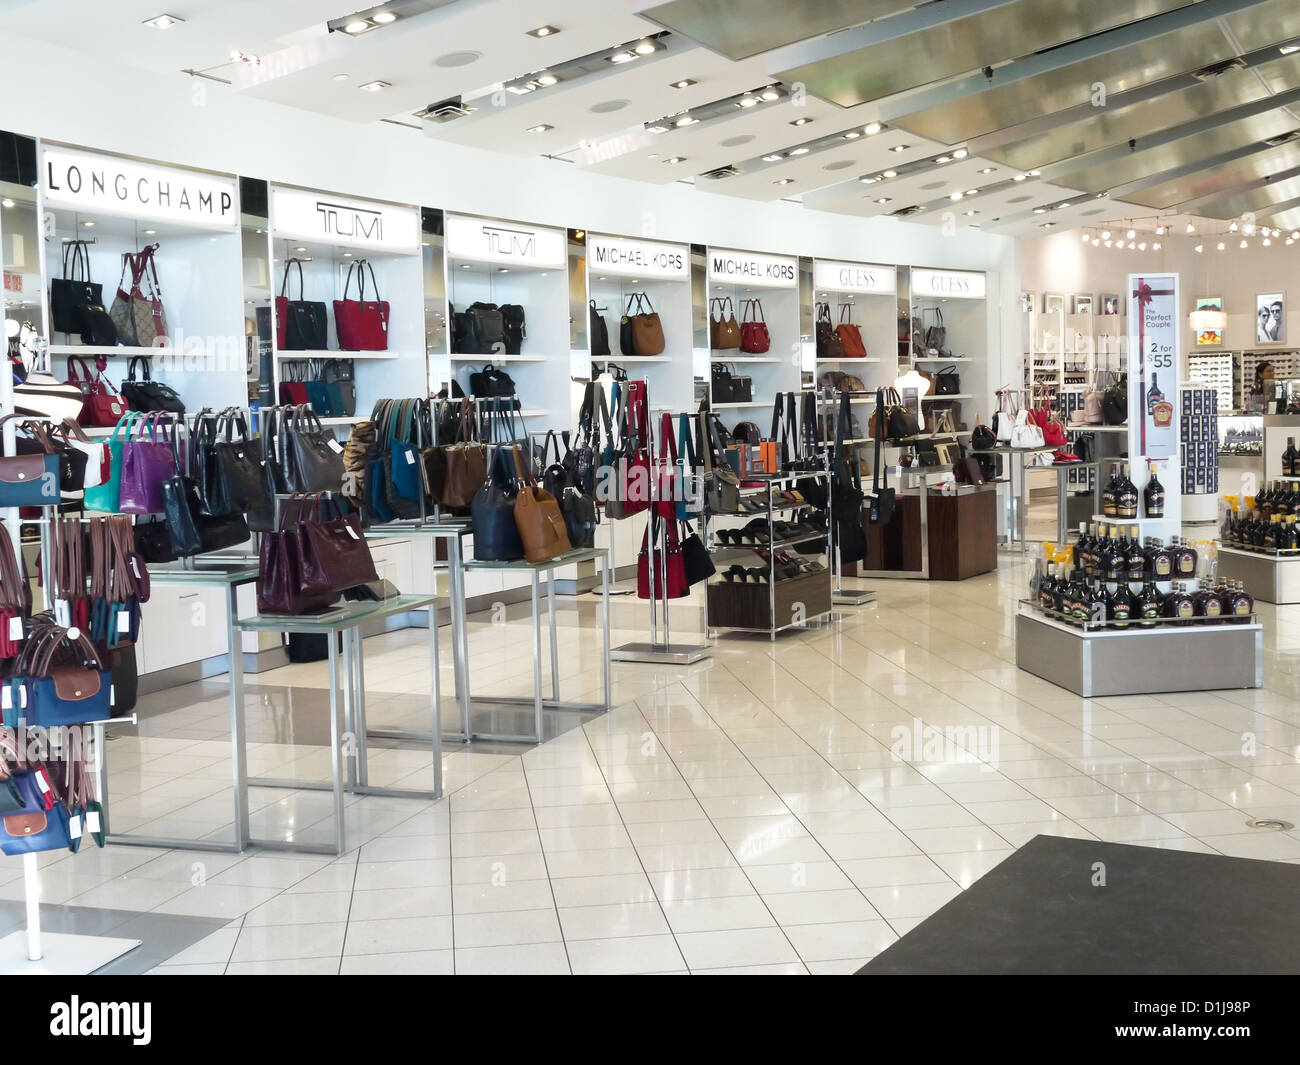 118e0df8a7 inside retail luxury handbag shop toronto airport Stock Photo ...